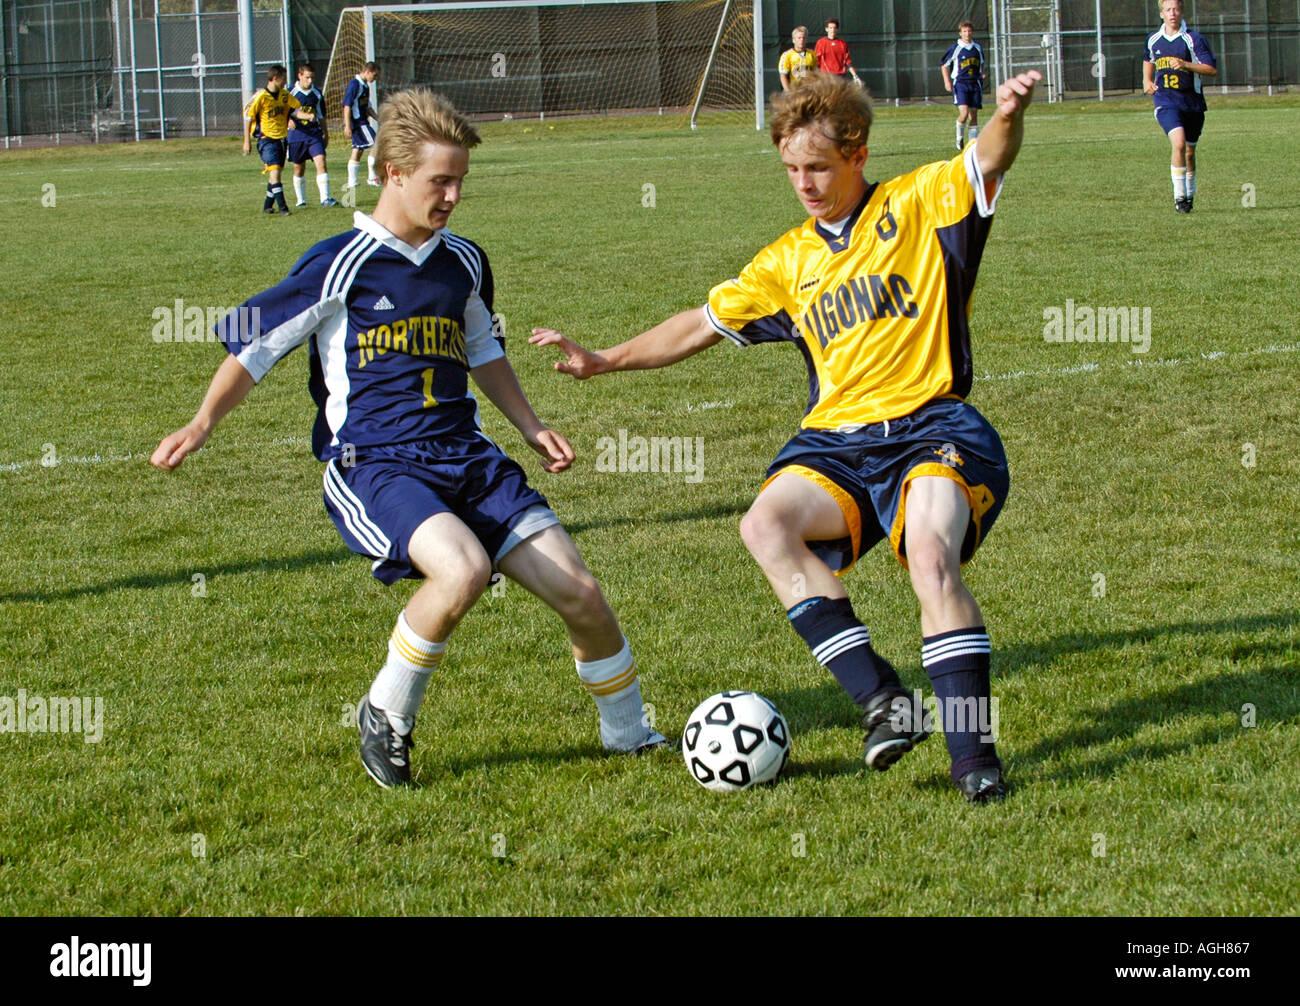 High School Soccer Futbol Fußball-Action Port Huron, Michigan Stockfoto